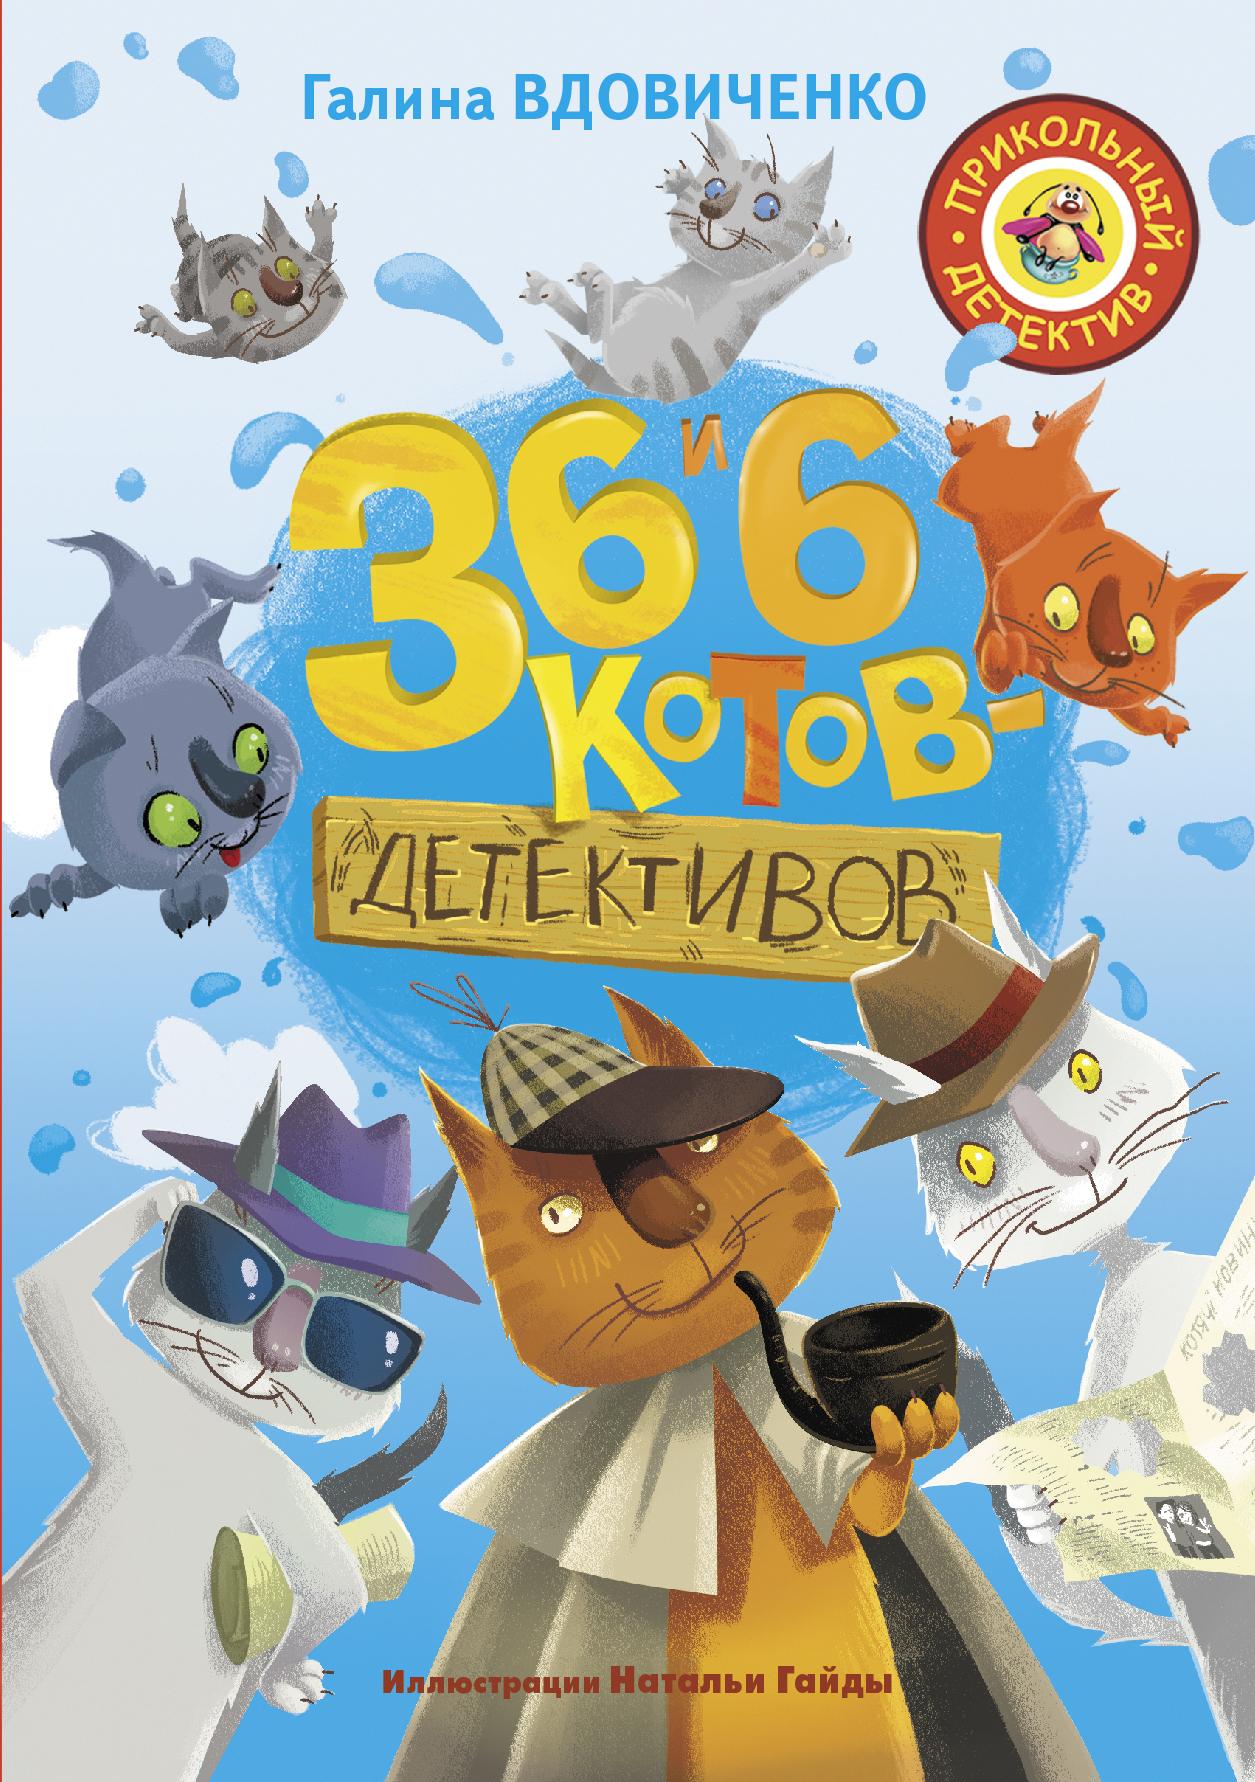 Галина Вдовиченко 36 и 6 котов-детективов годен клэр и кристиан подлинный дзен для котов и их хозяев